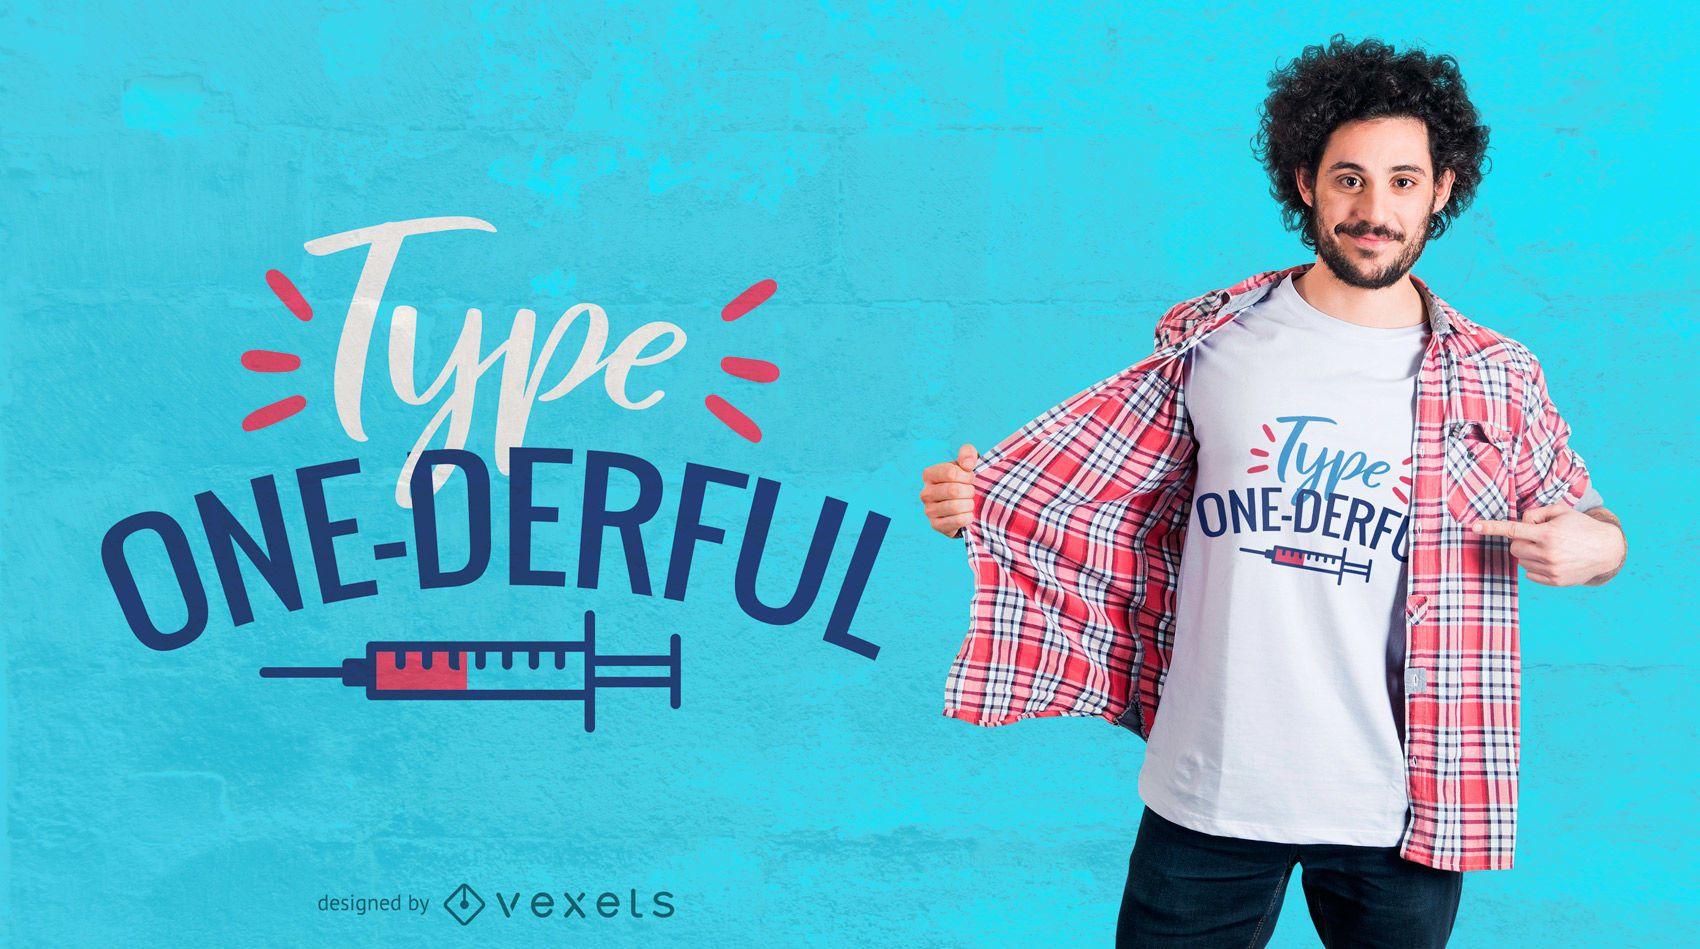 Type one-derful t-shirt design